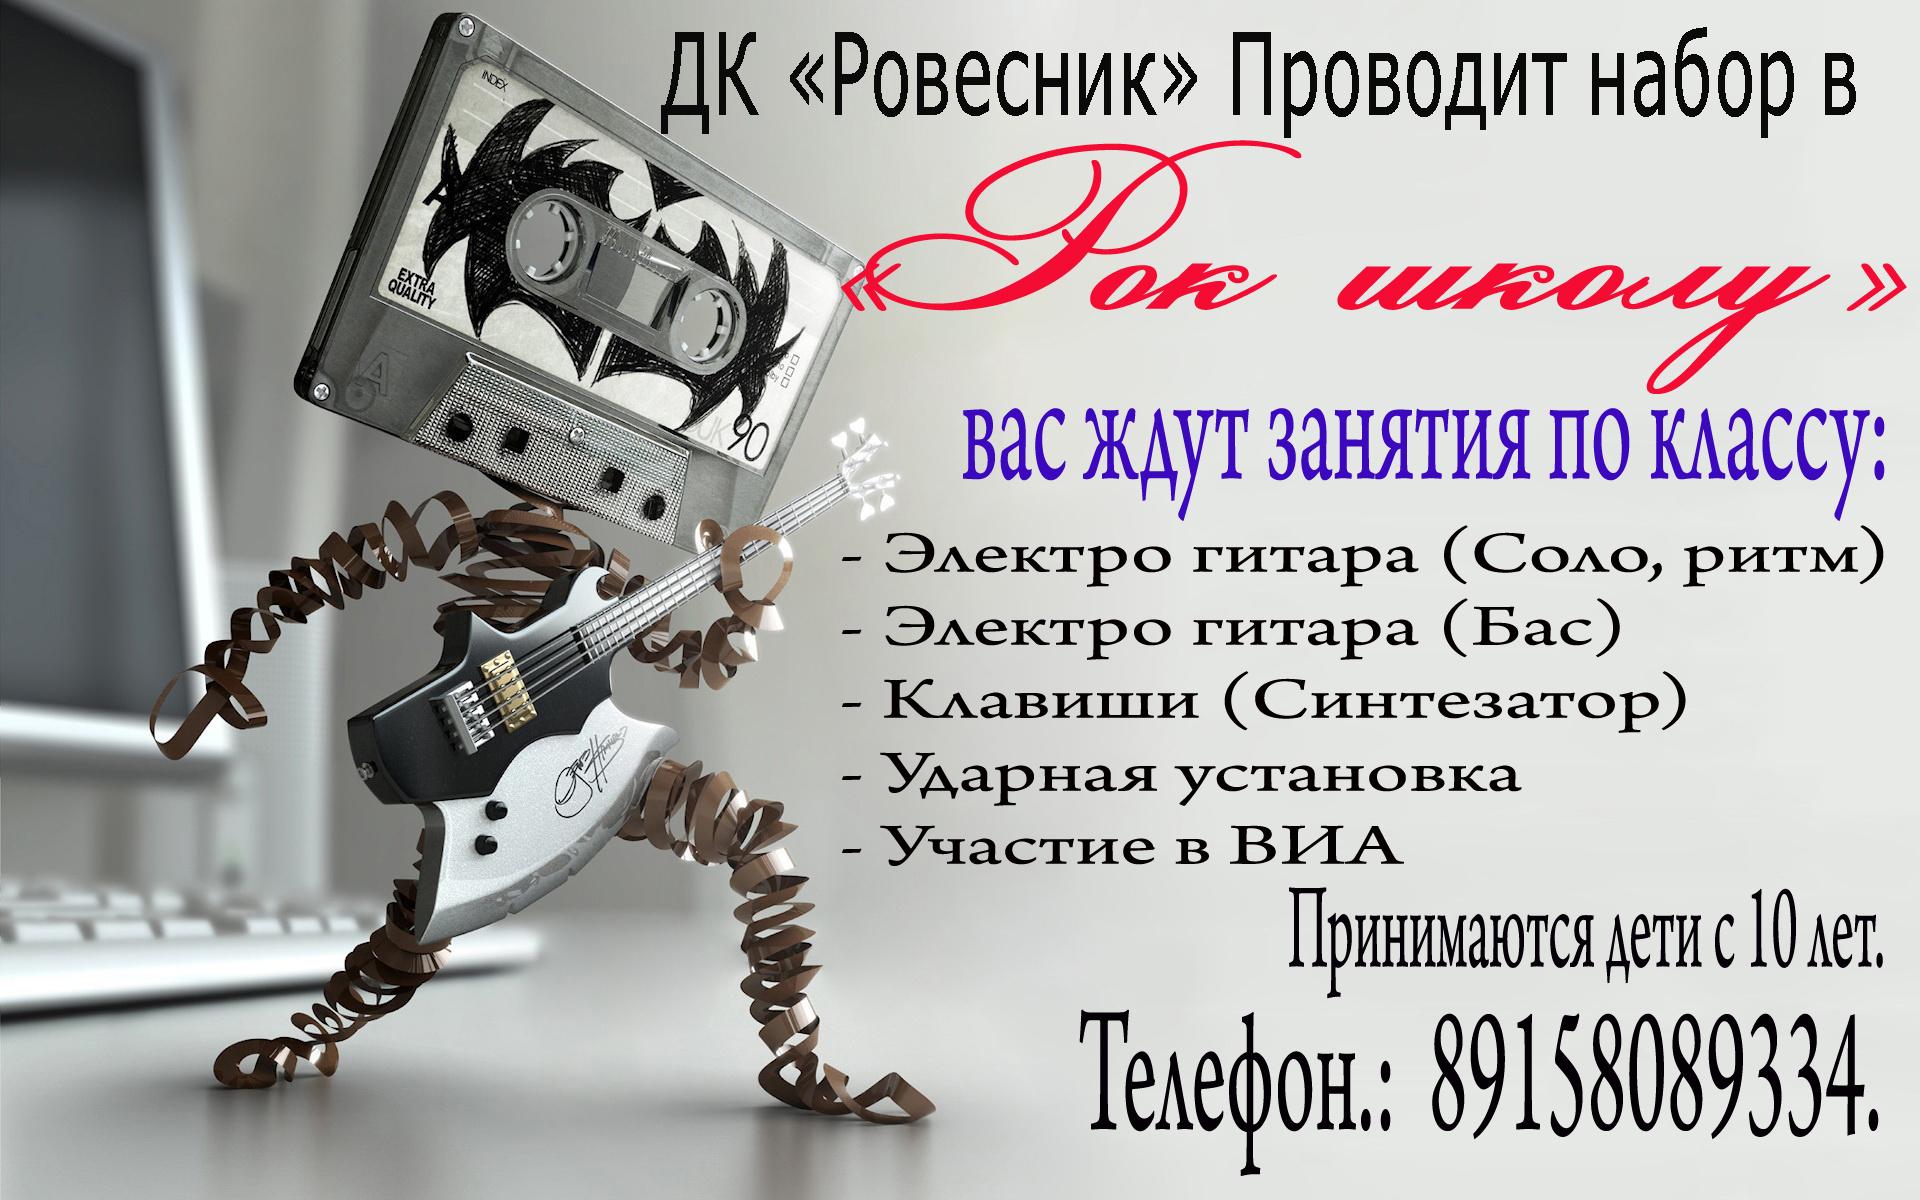 ROK-16.jpg